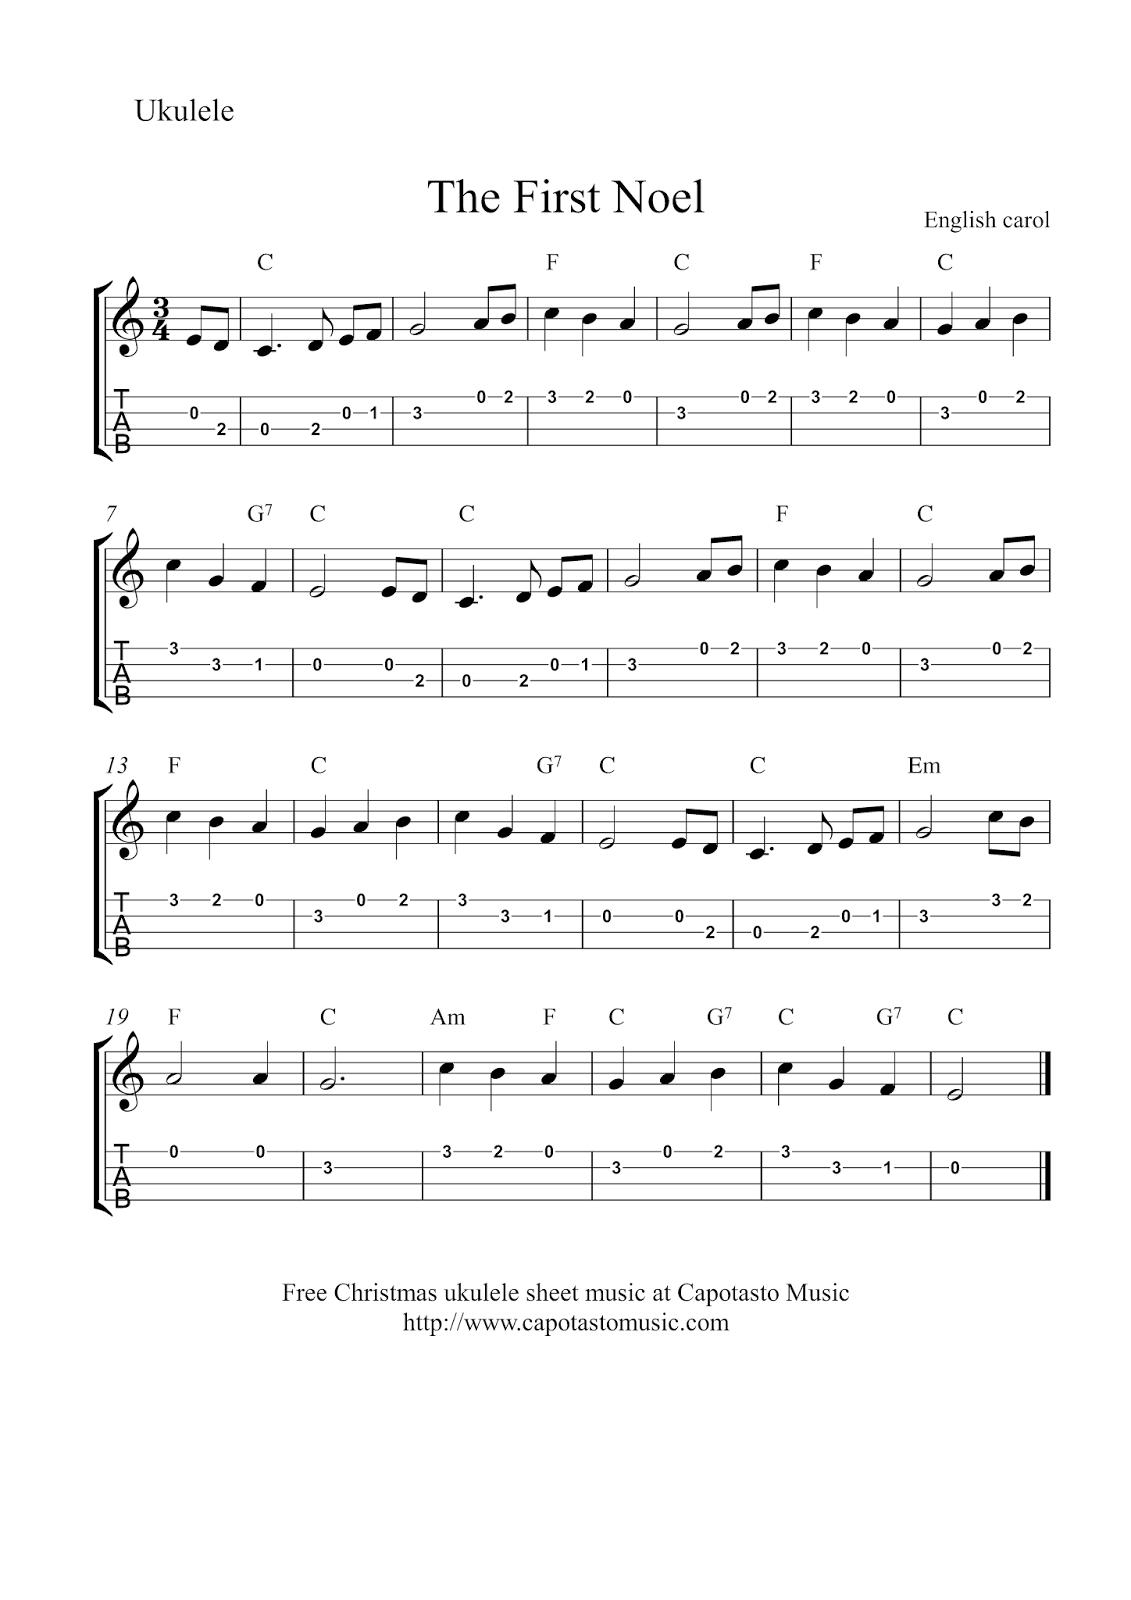 Free Sheet Music Scores: Free Christmas ukulele sheet music - The First Noel | Christmas ukulele ...